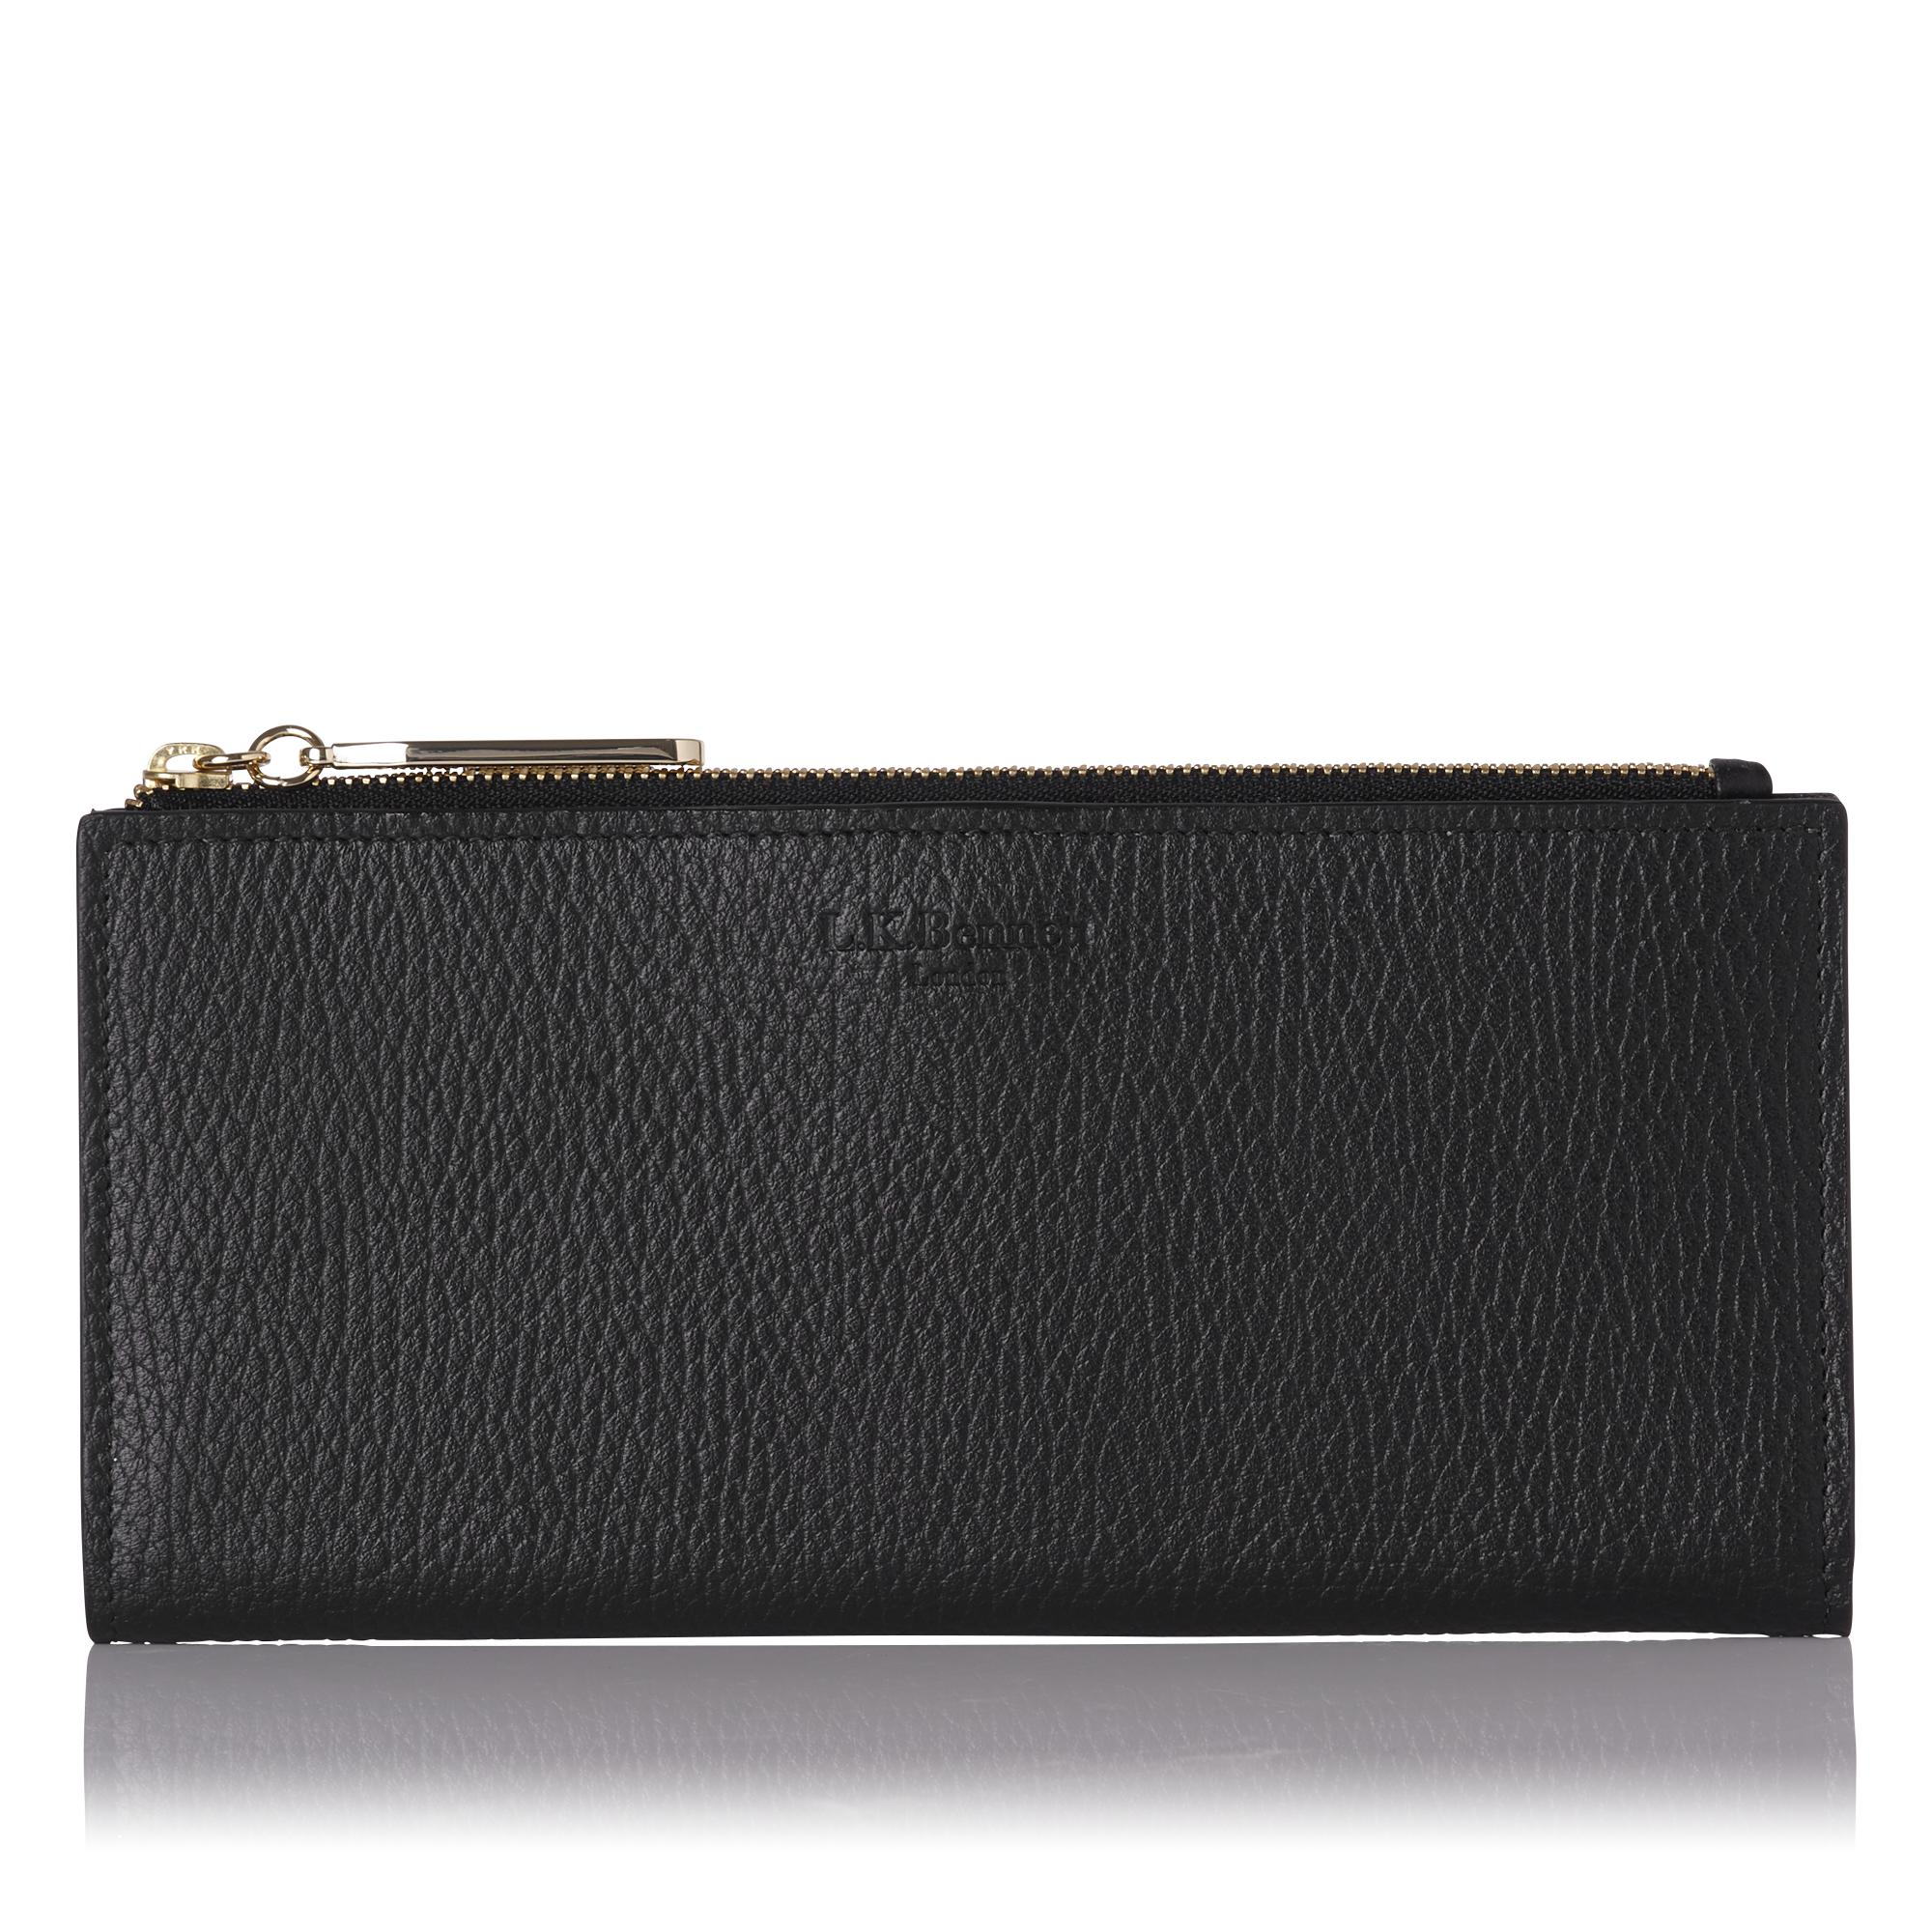 Kirstin Black Wallet